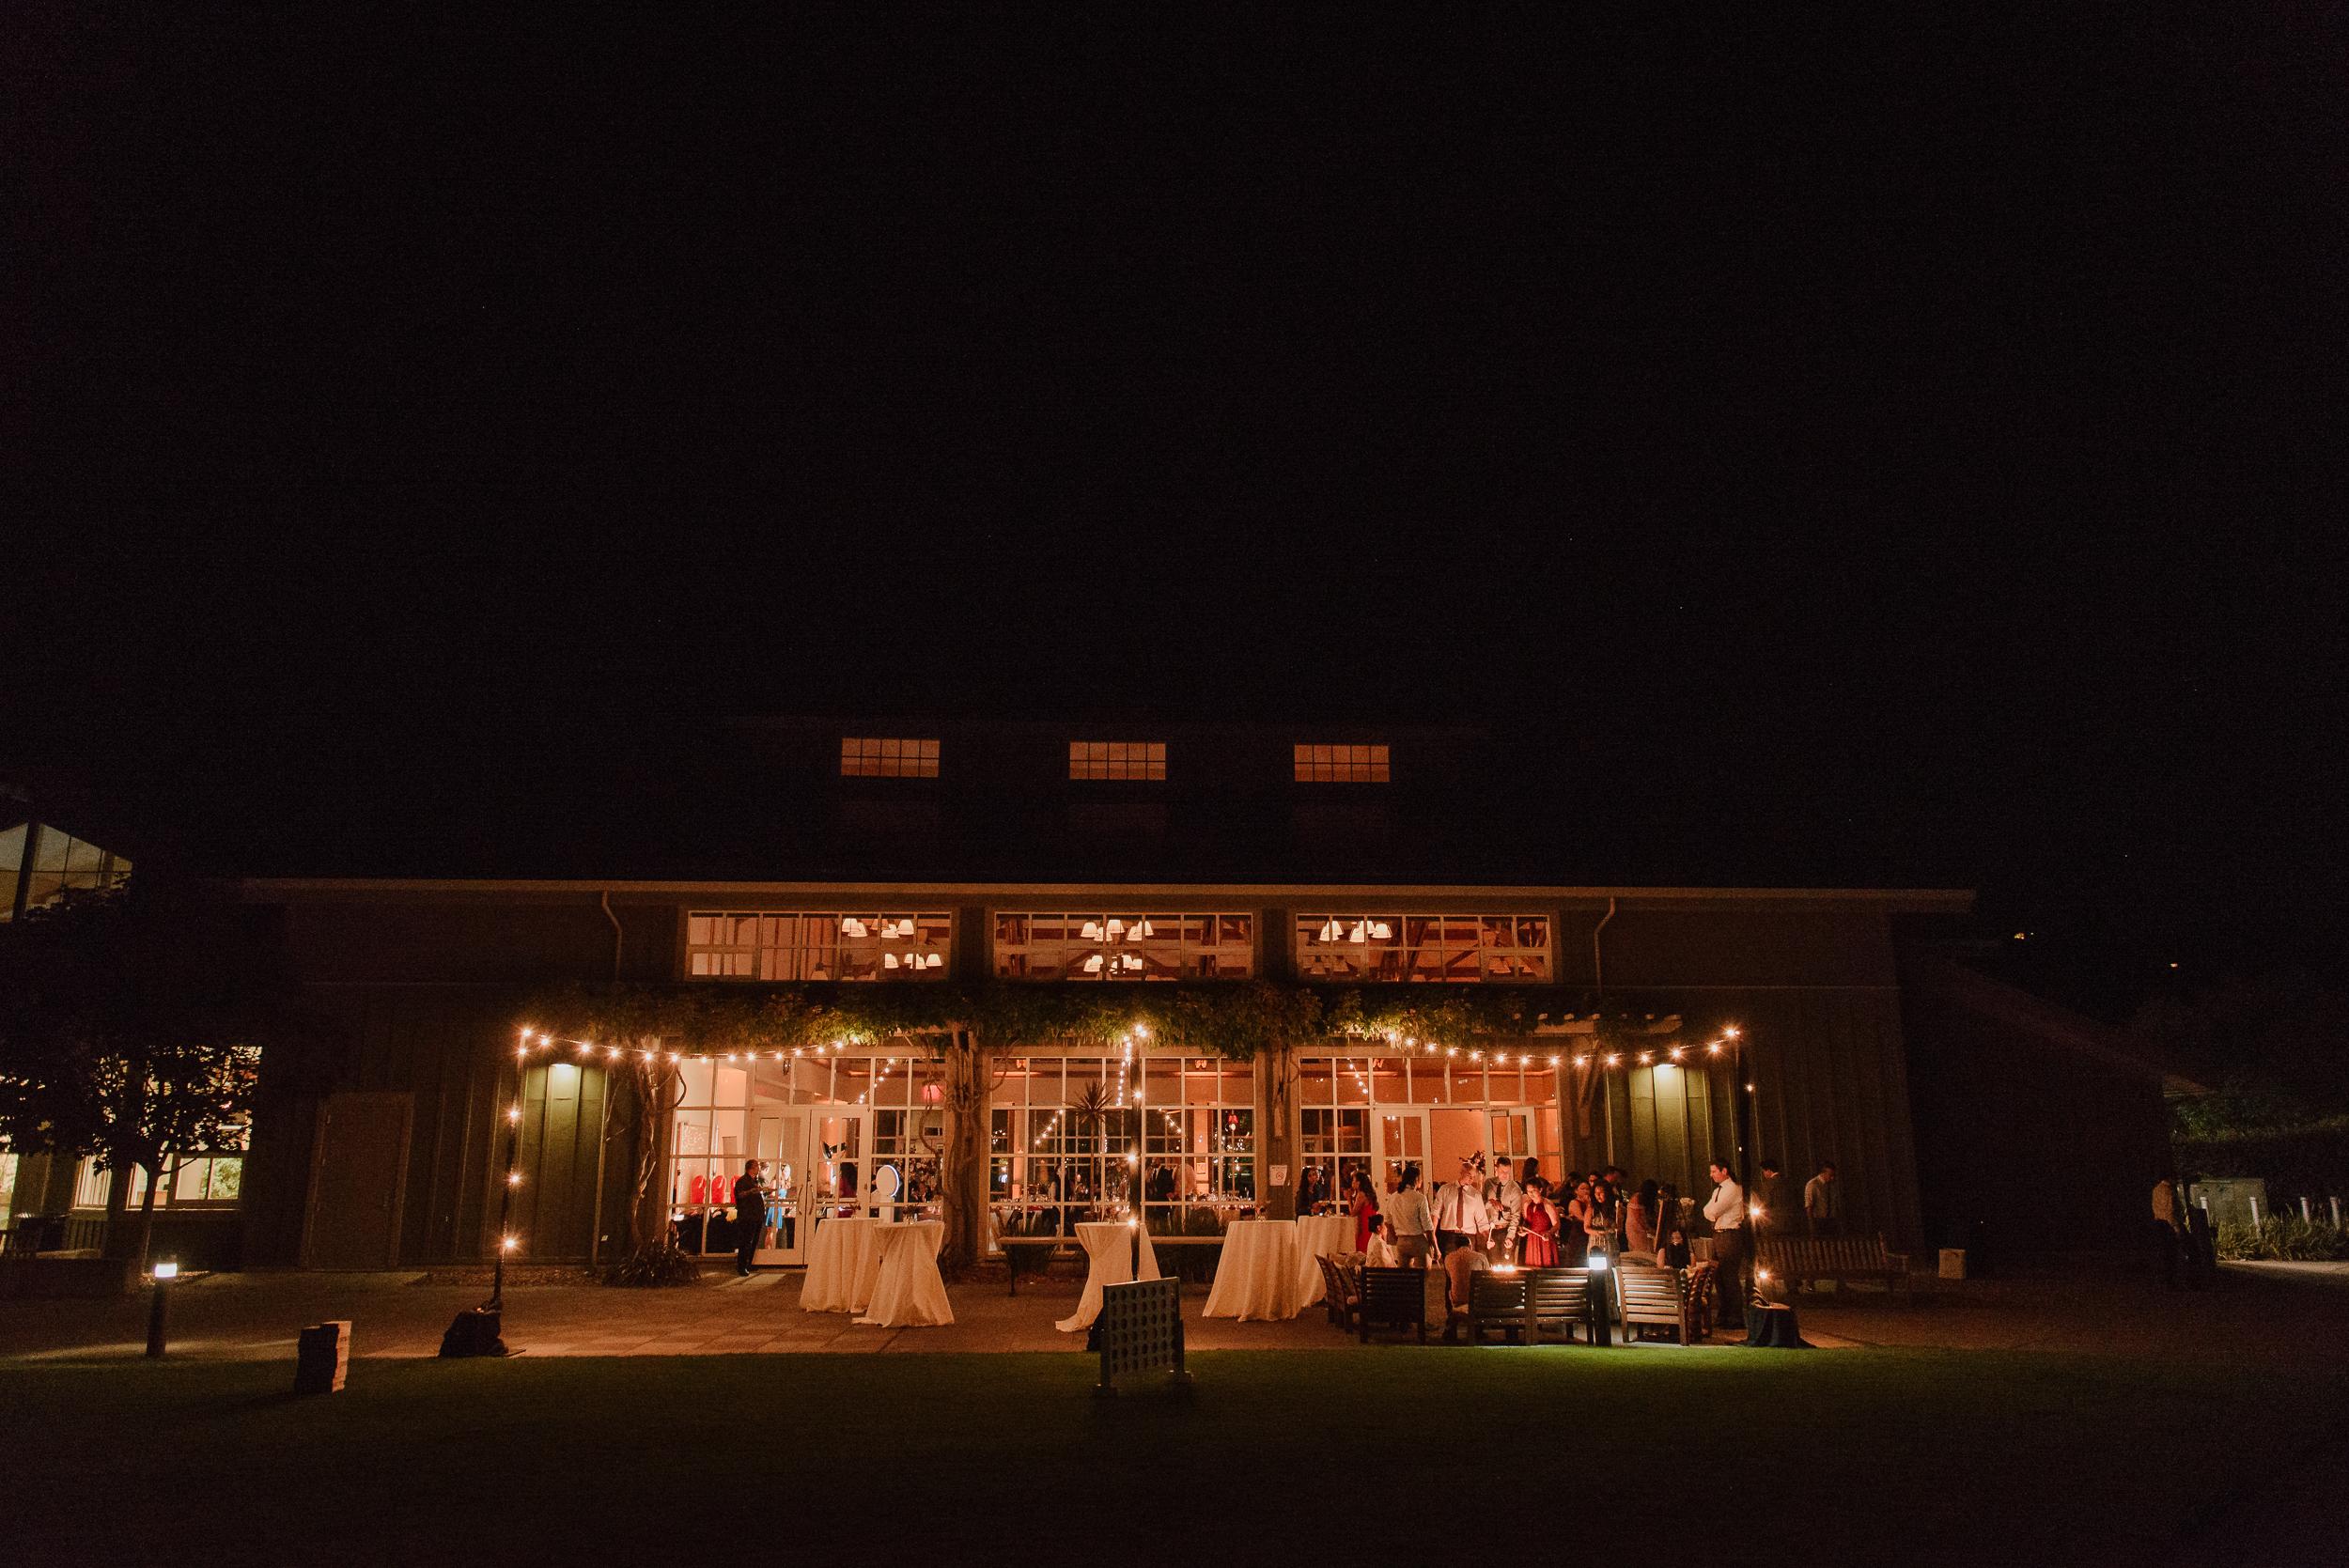 77-old-mill-park-mill-valley-community-center-wedding-vivianchen-867.jpg